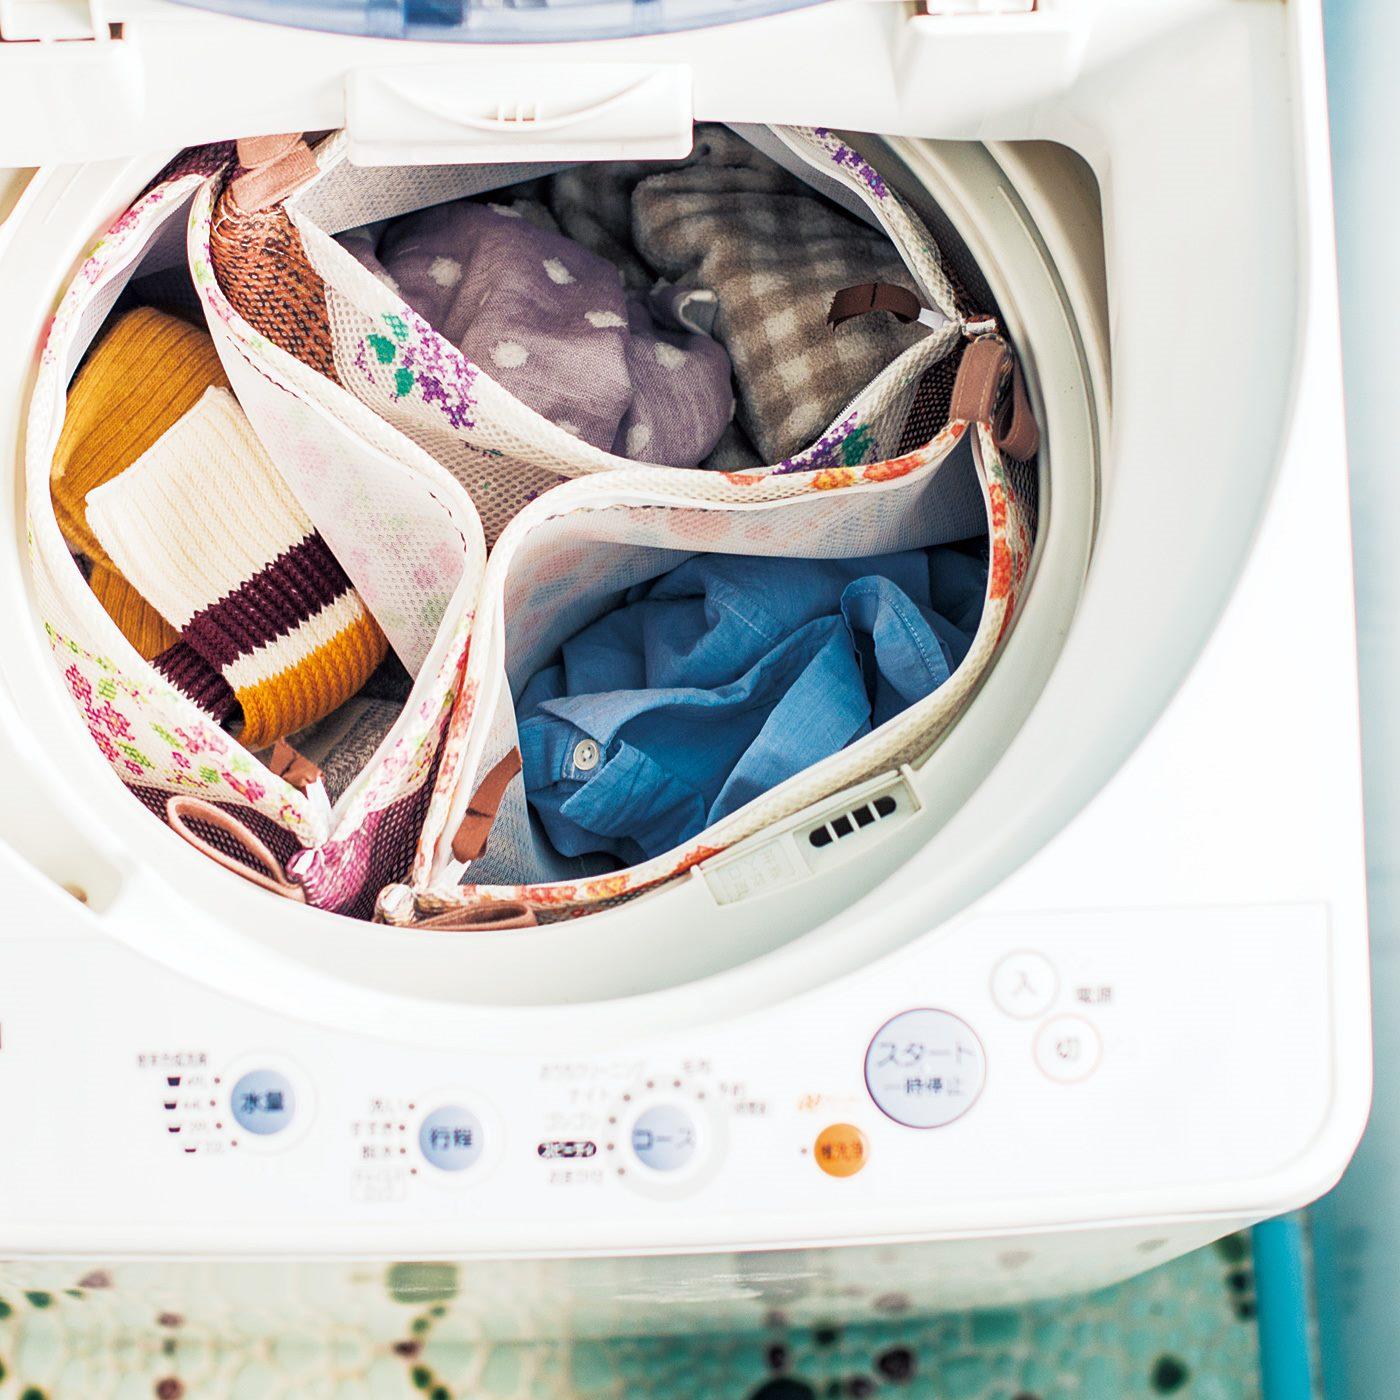 洗濯機の中にネットをスタンバイさせておいても便利。